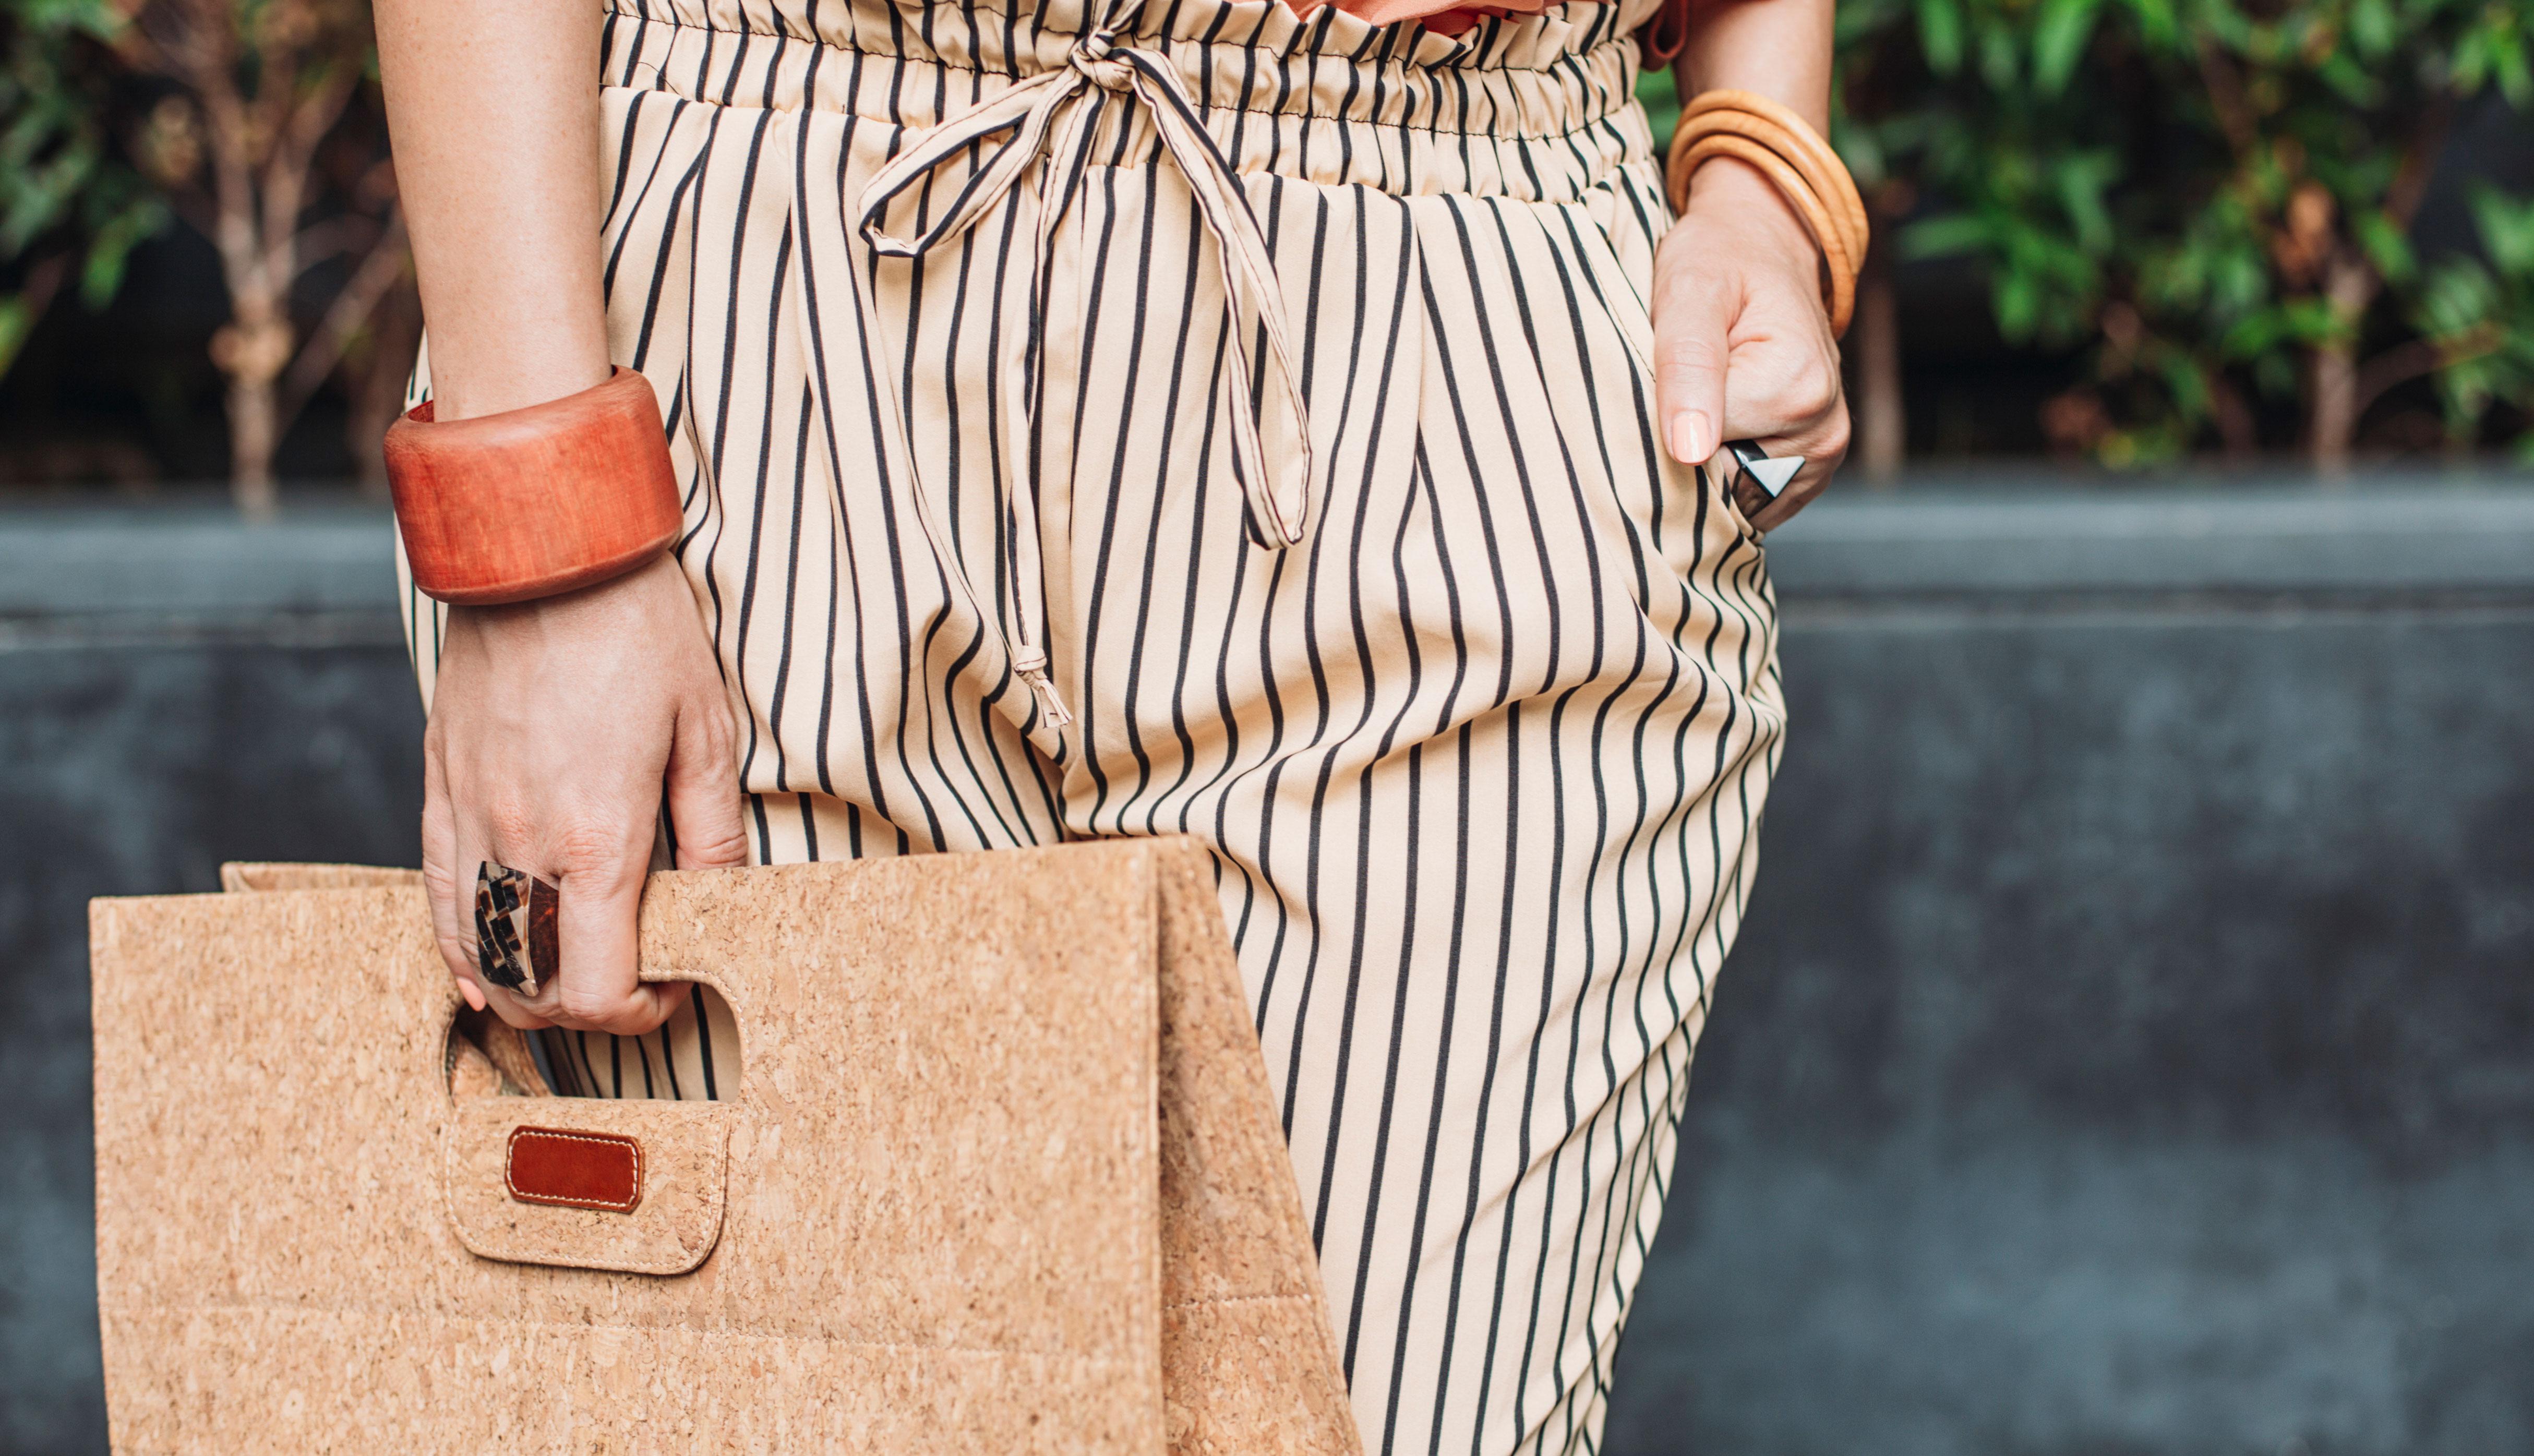 Mujer vistiendo tonos beige y con cartera en mano